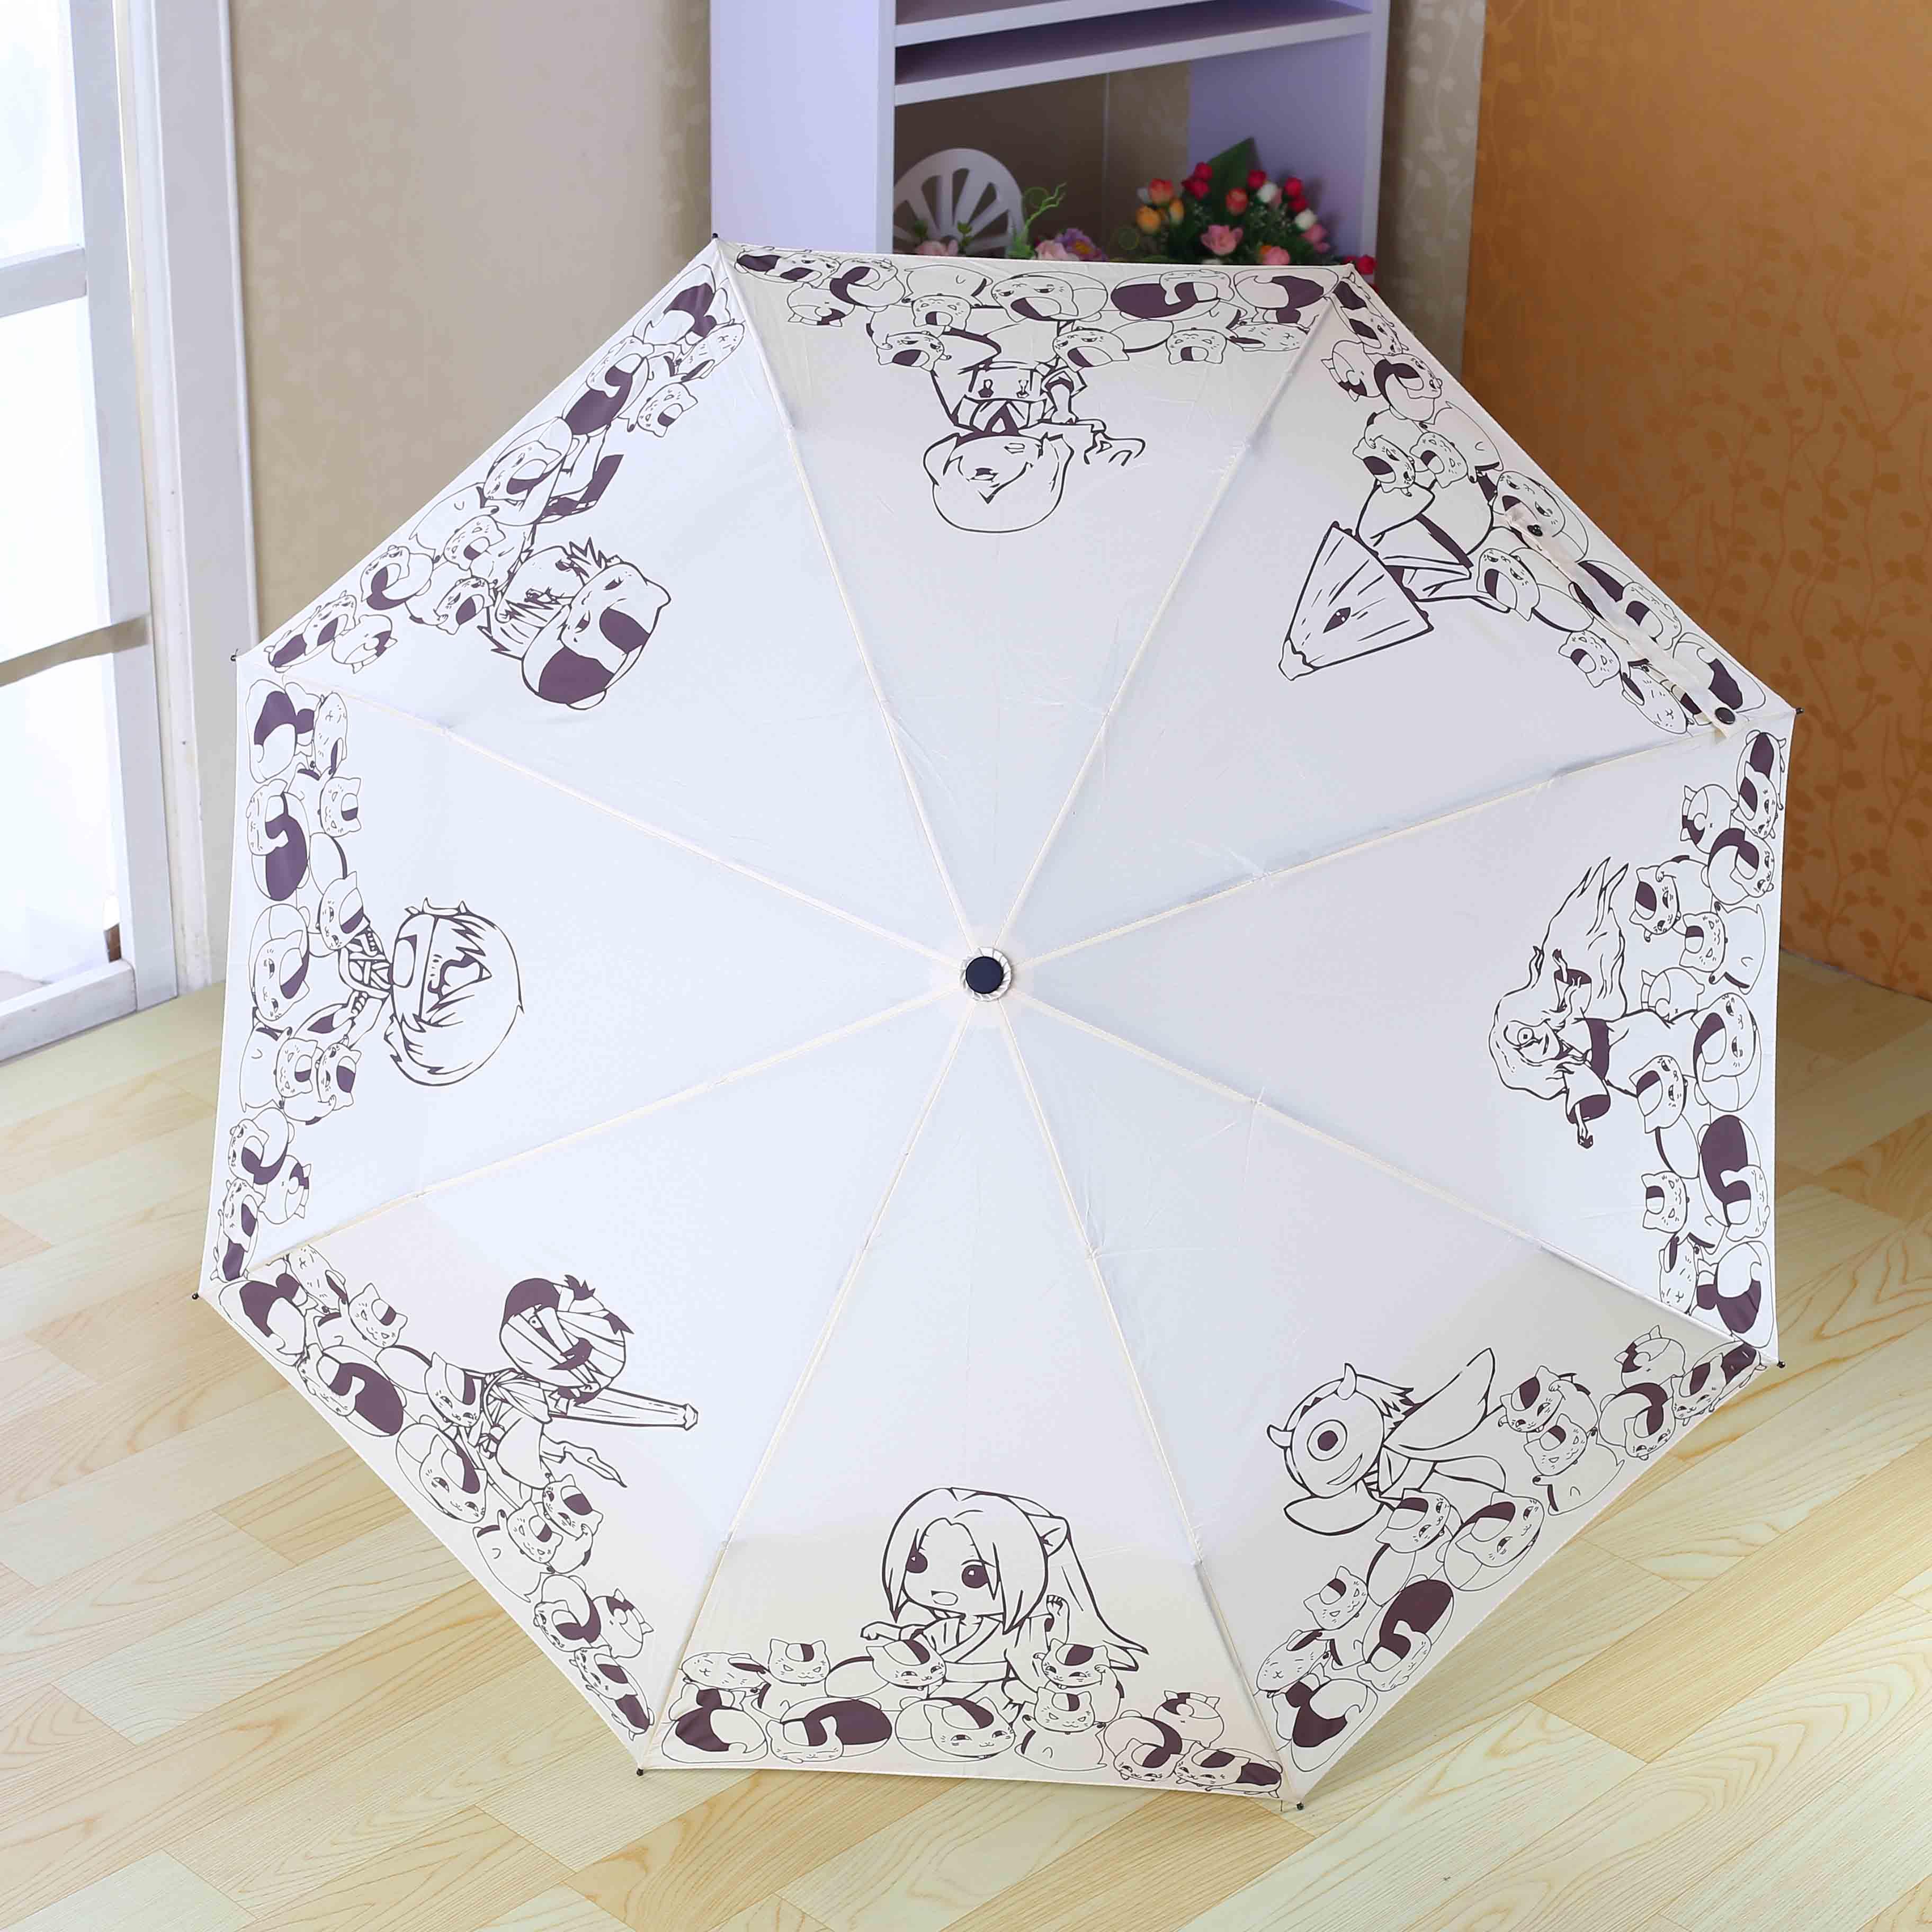 夏目友人帐雨伞 二次元动漫周边伞 贵志斑猫咪老师娘口三三晴雨伞